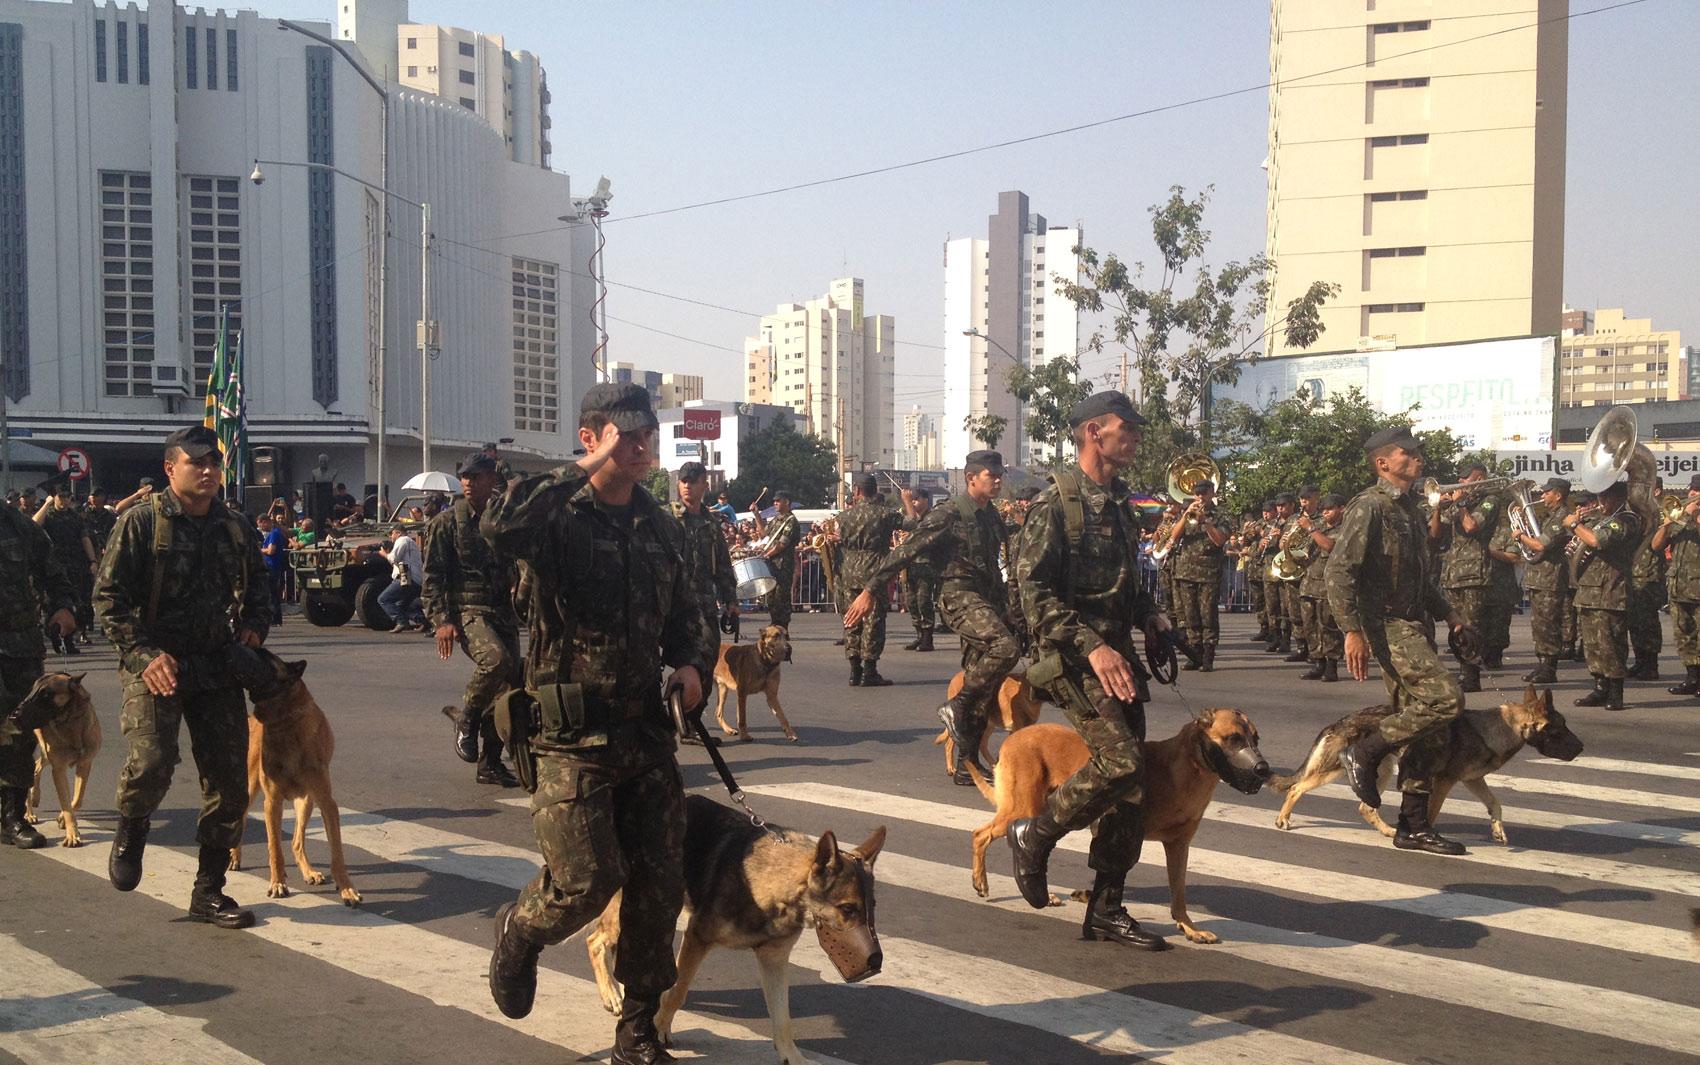 Exército desfila com cães na Avenida Tocantins, em Goiânia